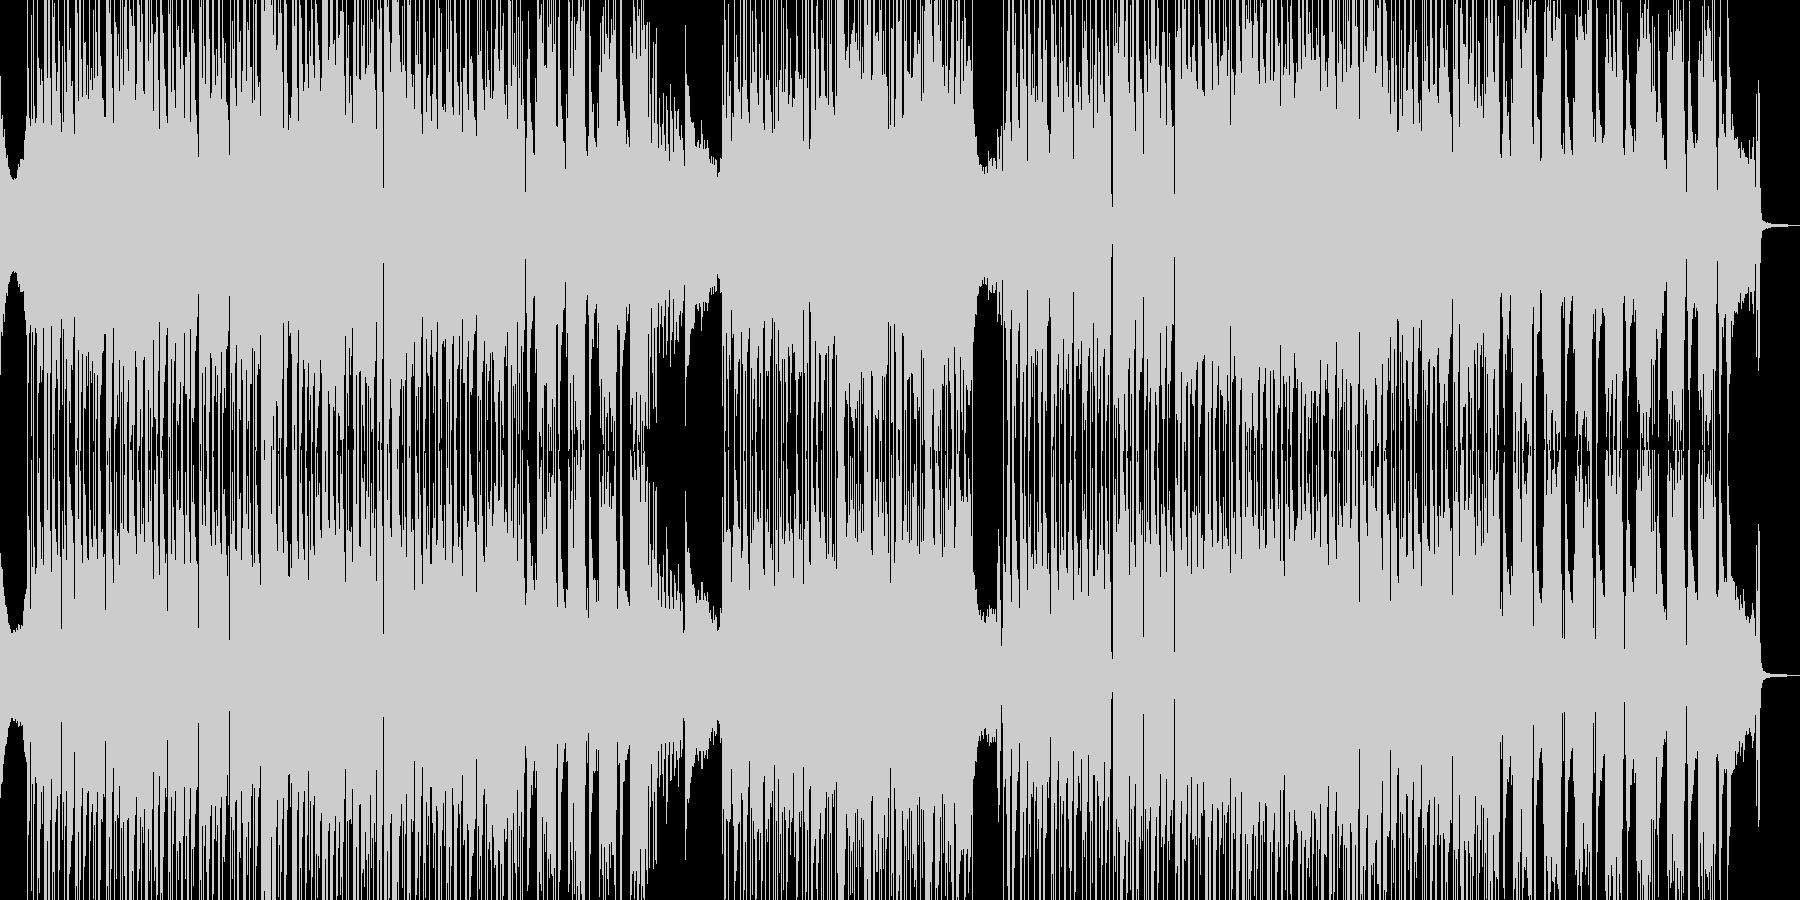 オシャレでシック・疾走するビート 短尺の未再生の波形